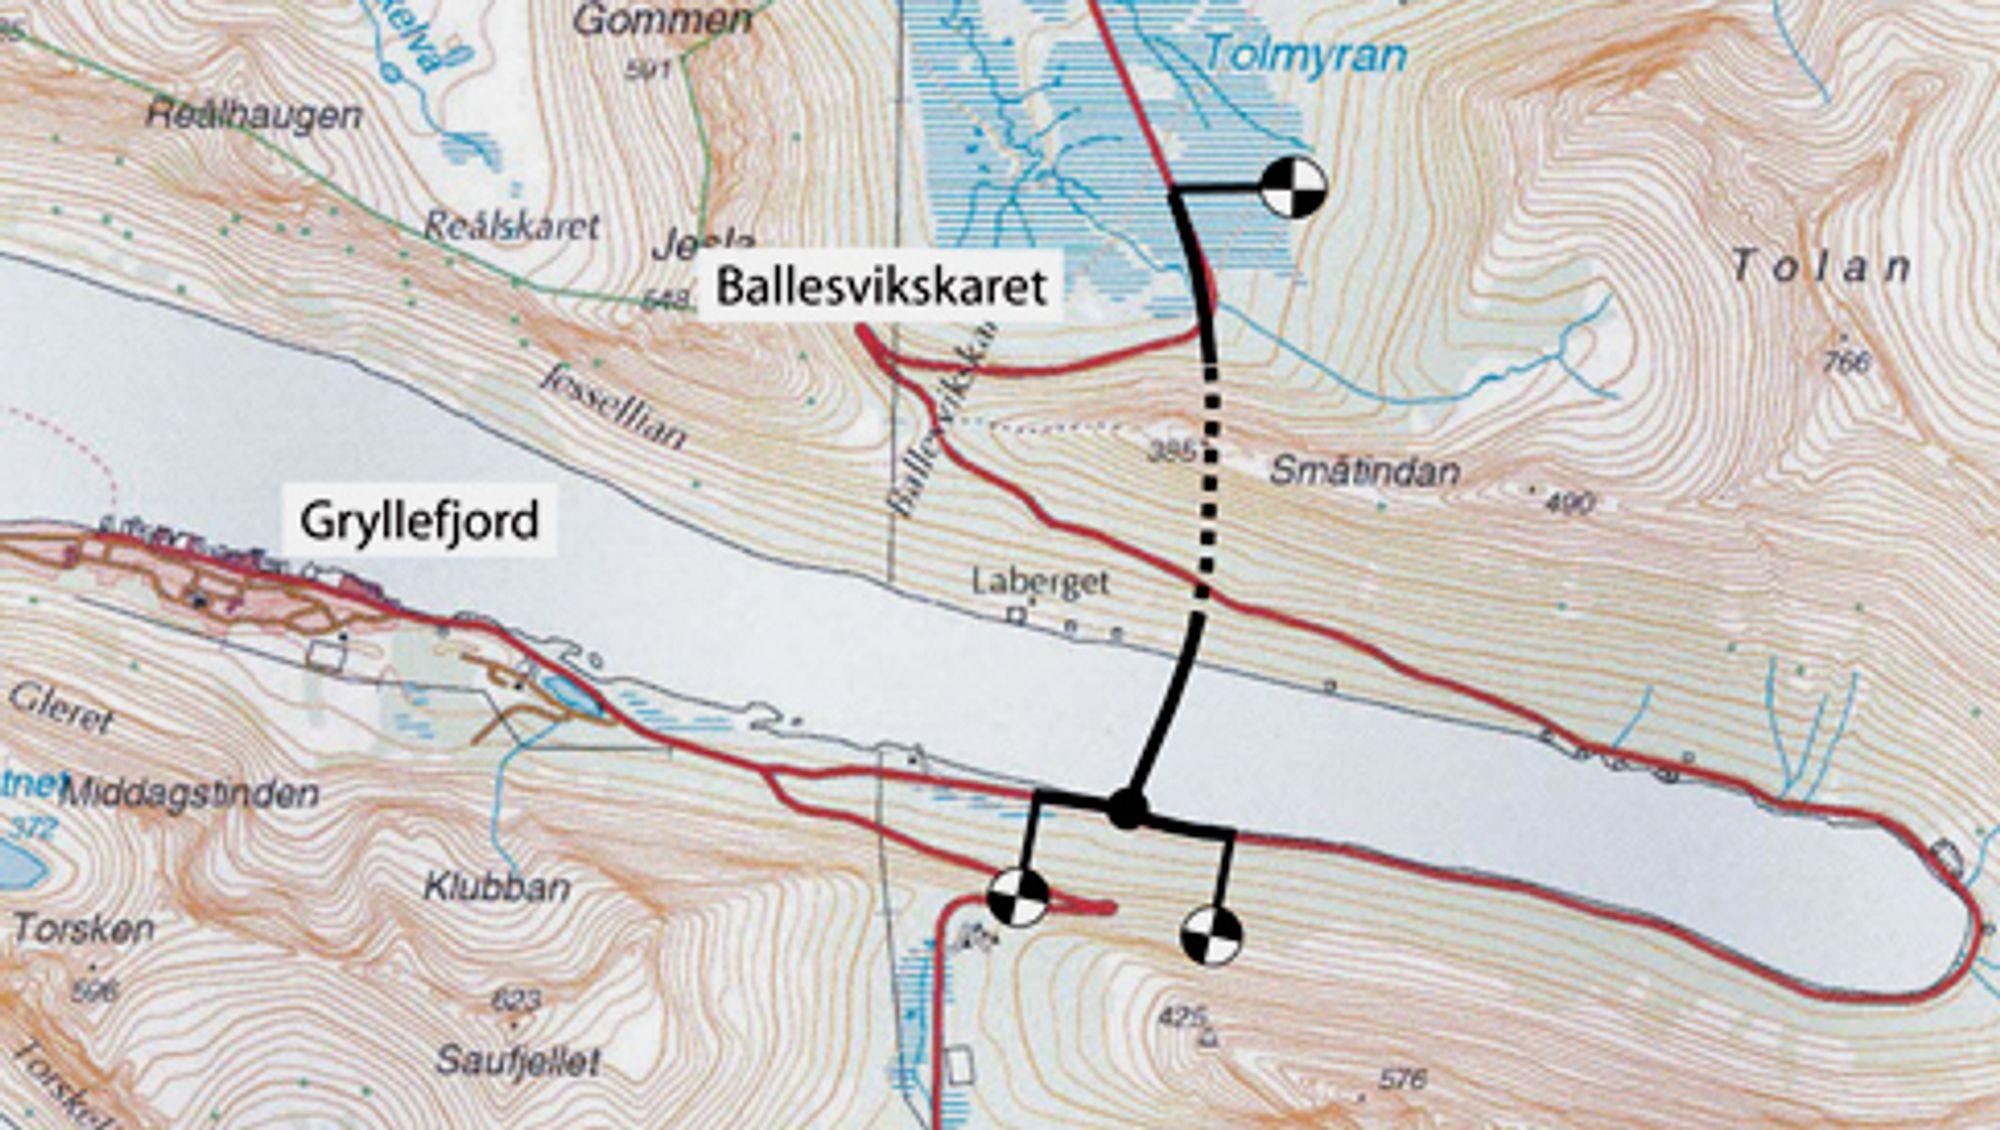 Fiskeværet Gryllefjord i Torsken kommune får kortere og mer rassikker vegforbindelse til omverden når Ballesvikskartunnelen og brua over Gryllefjorden blir ferdig høsten 2013. Ill.: Statens vegvesen